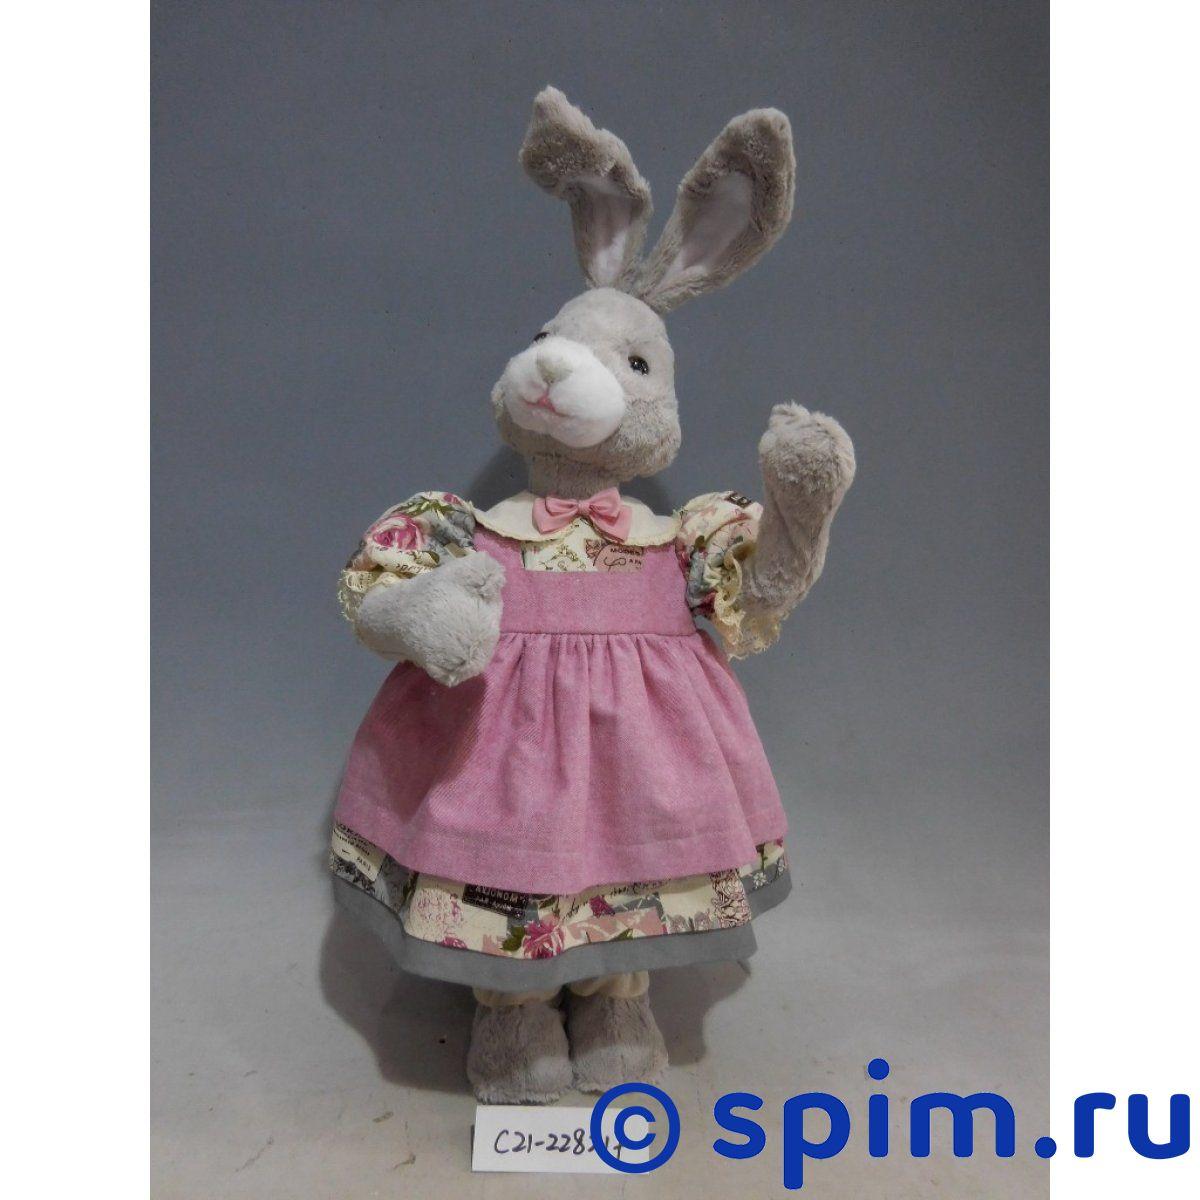 Интерьерная кукла Заяц C21-288217